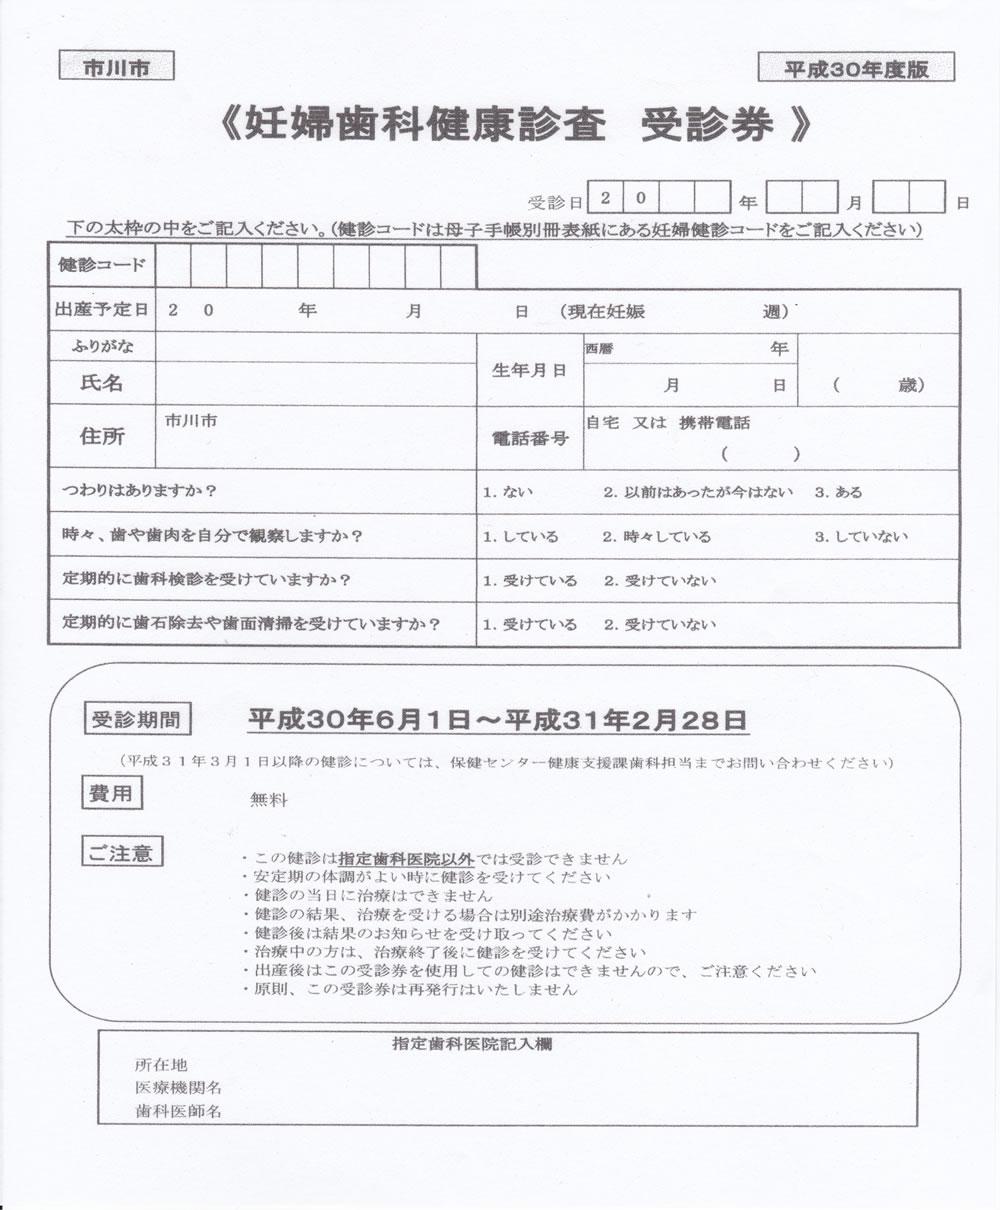 妊婦歯科健診(市川市妊婦健診